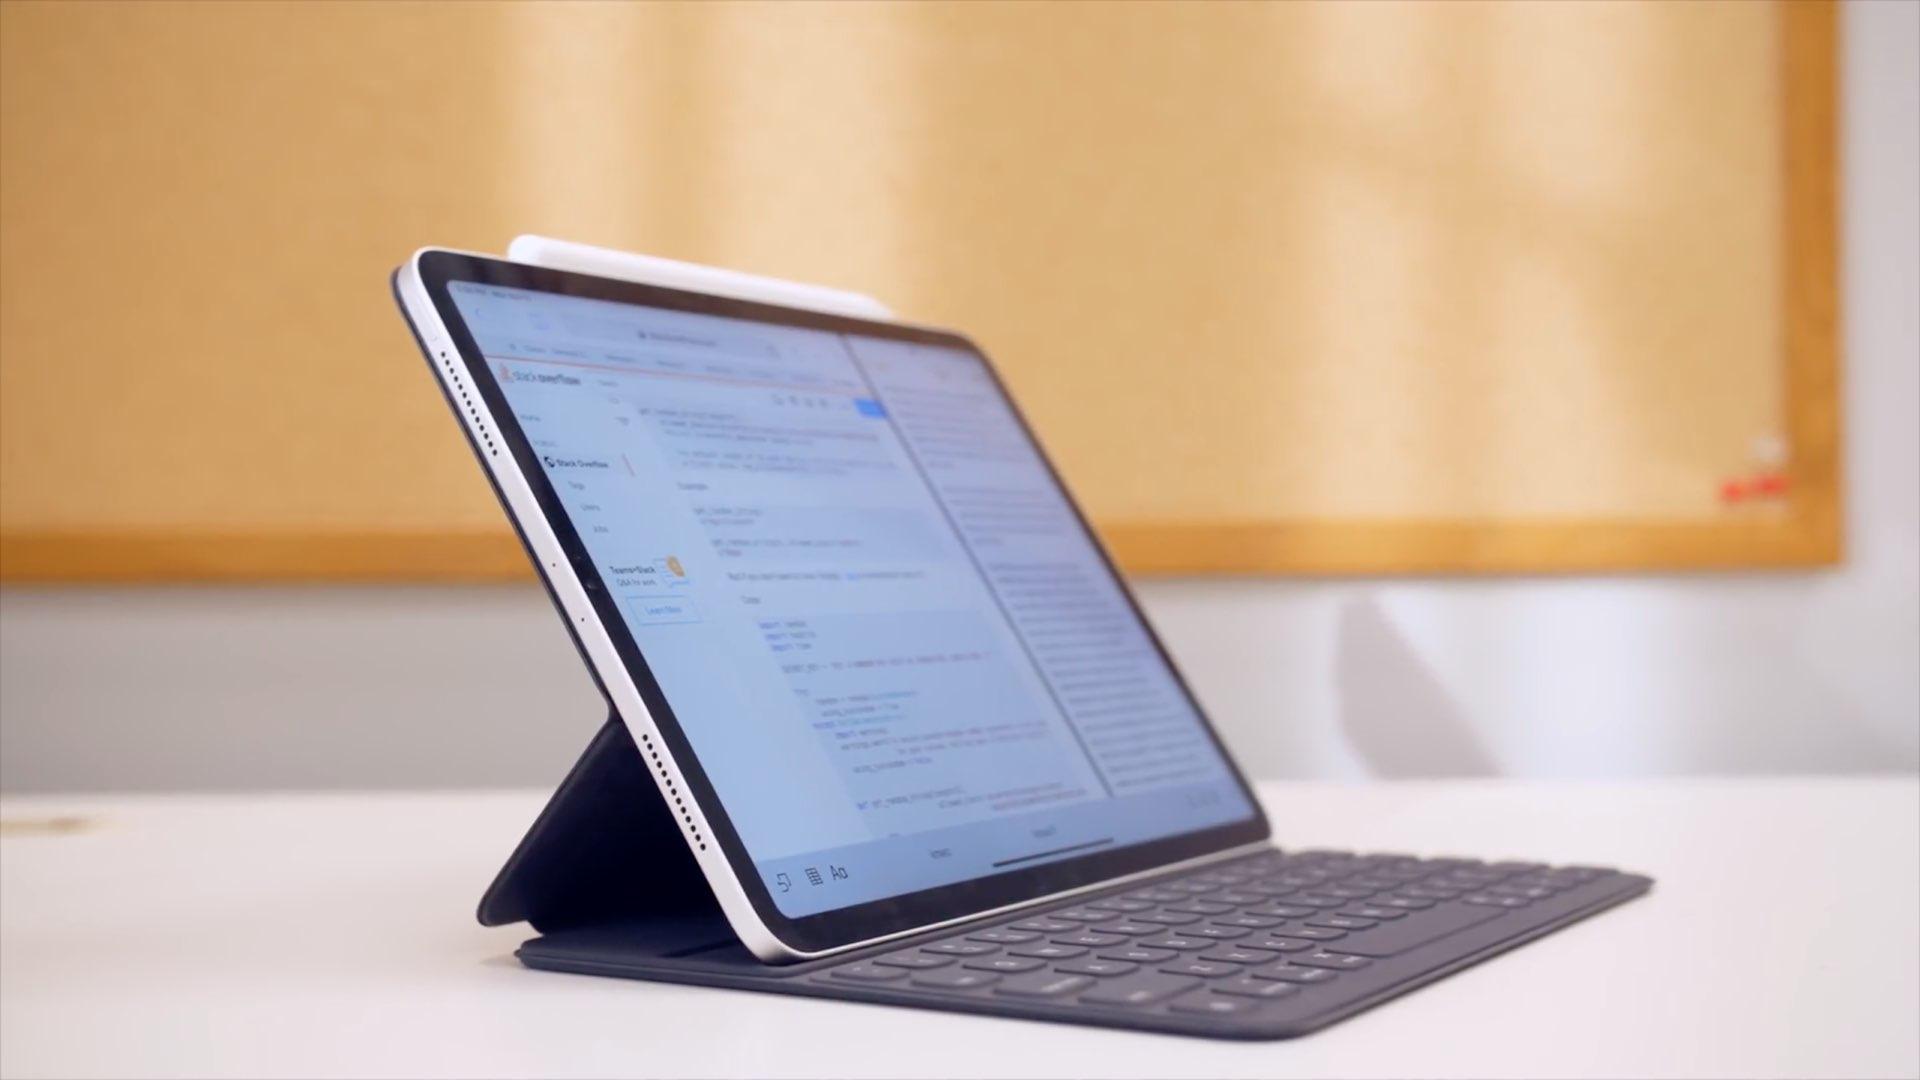 iPad modifier keys